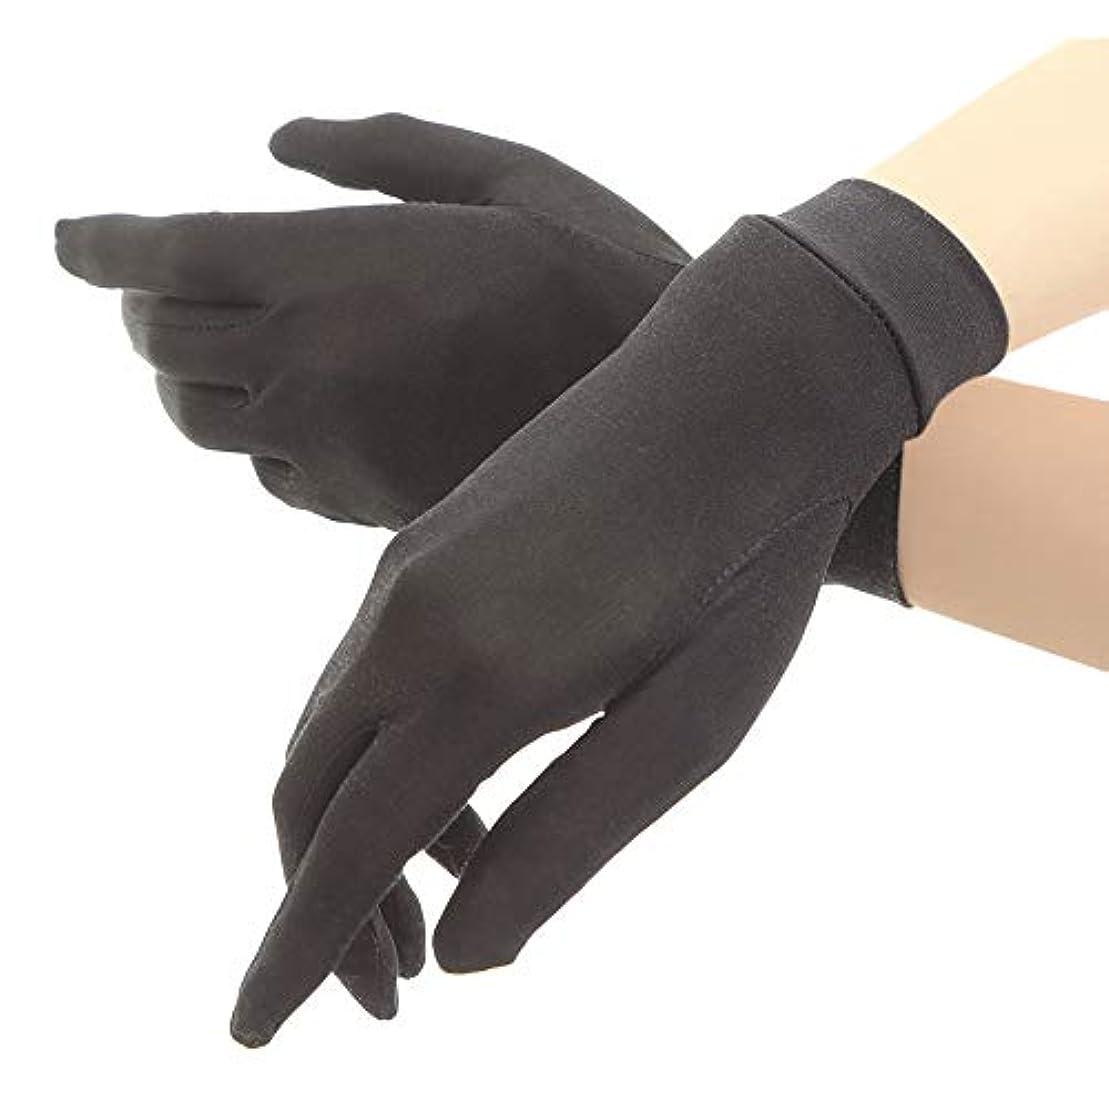 カウント不透明な慣習シルク手袋 レディース 手袋 シルク 絹 ハンド ケア 保湿 紫外線 肌荒れ 乾燥 サイズアップで手指にマッチ 【macch】